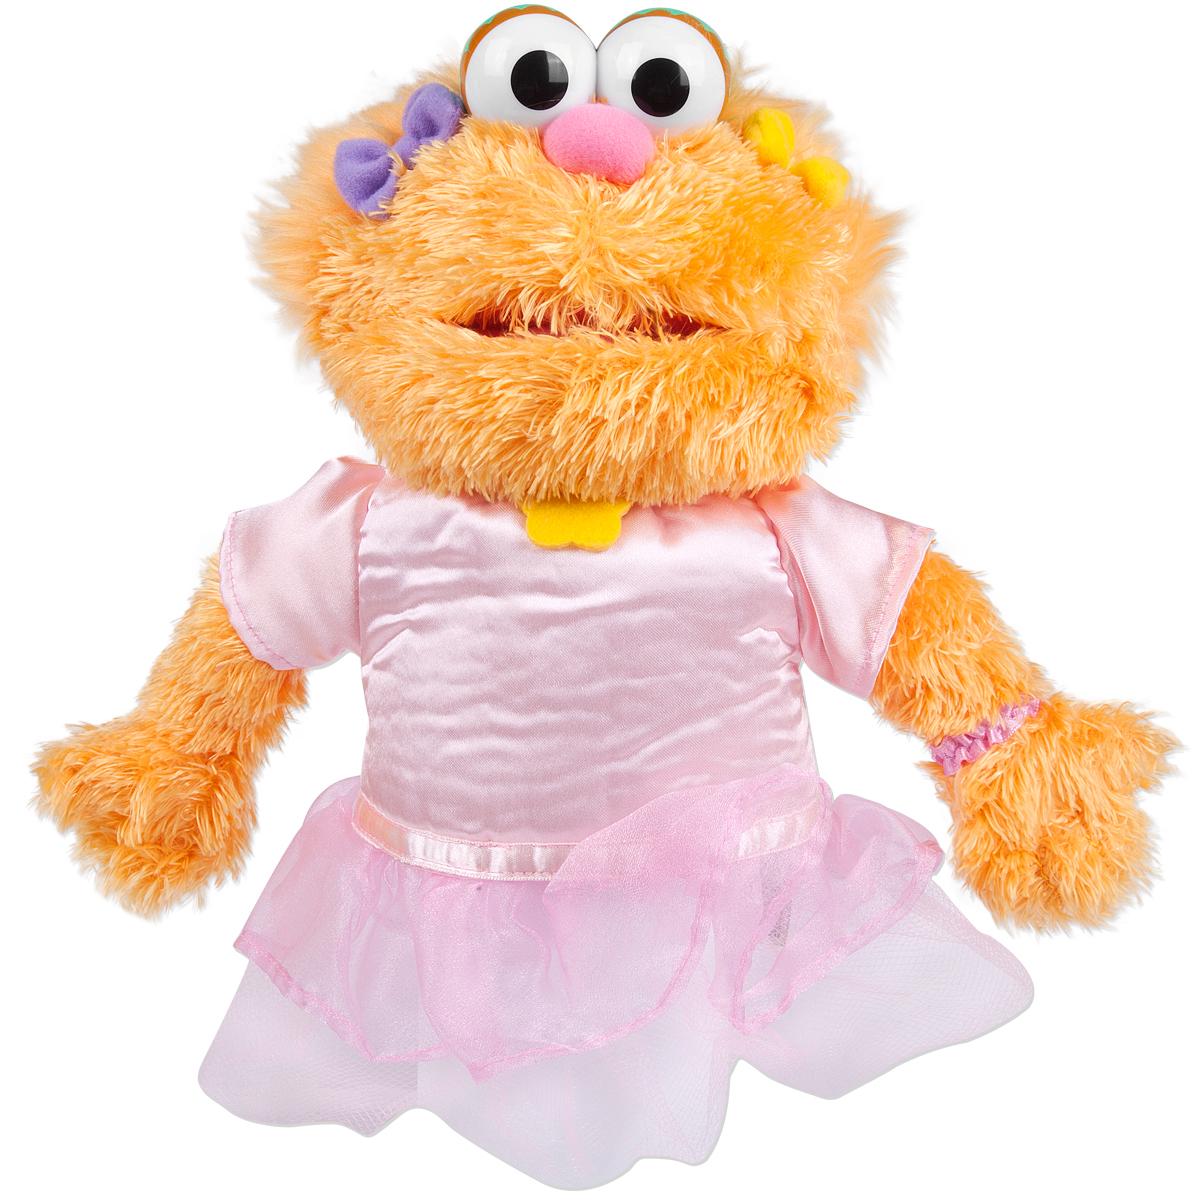 Zoe Hand Puppet